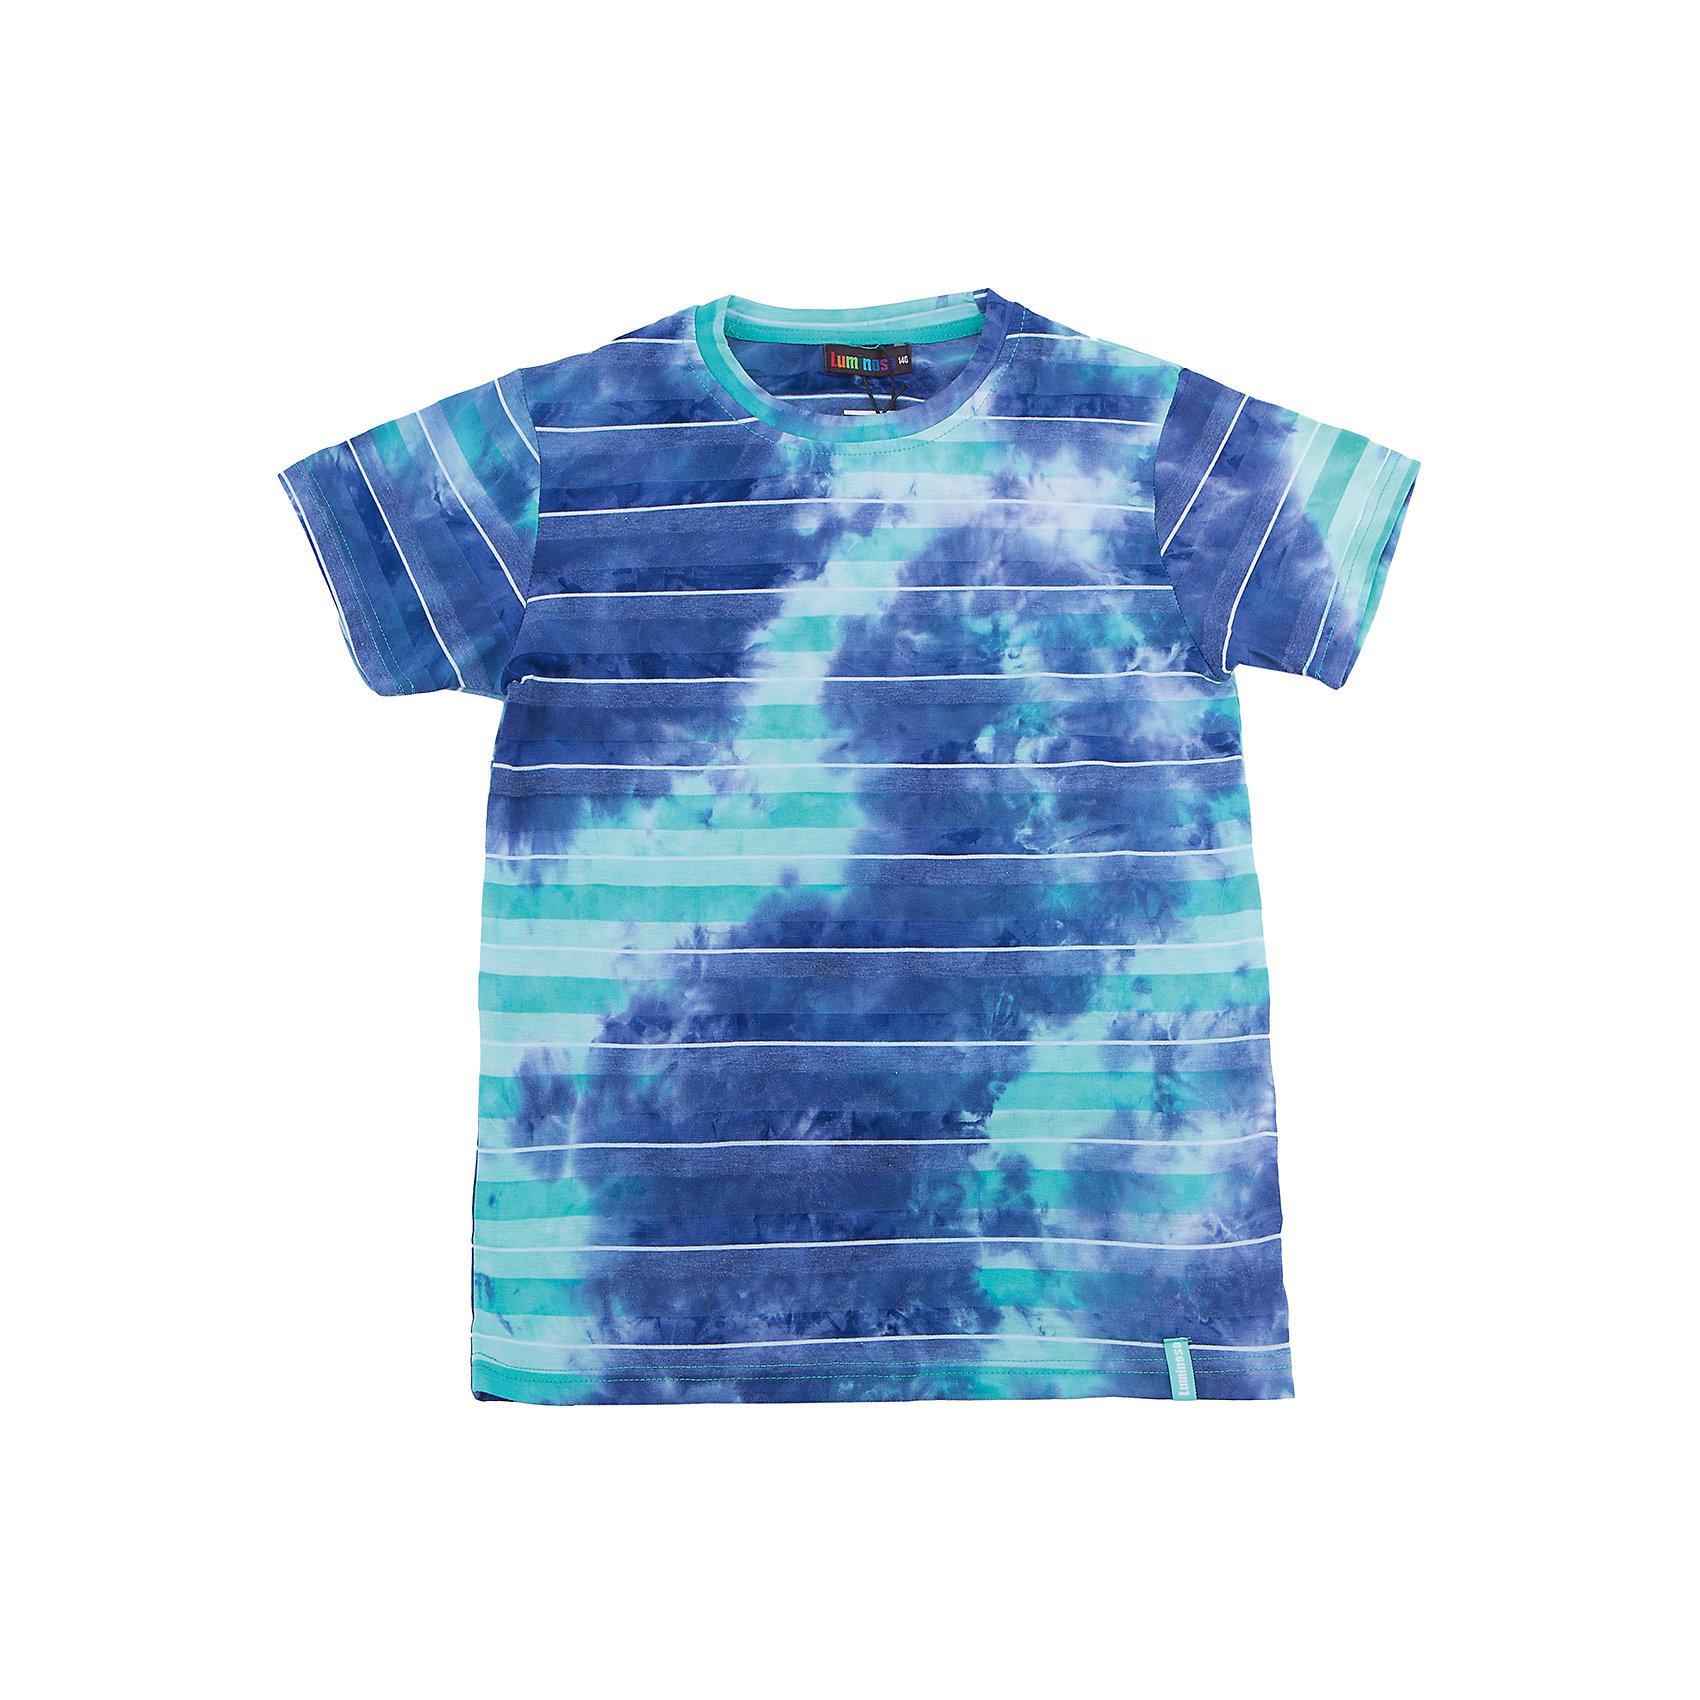 Футболка для мальчика LuminosoФутболки, поло и топы<br>Яркая летняя футболка оригинального дизайна для мальчика. Из мягкого, качественного трикотажа.<br>Состав:<br>95% хлопок 5% эластан<br><br>Ширина мм: 199<br>Глубина мм: 10<br>Высота мм: 161<br>Вес г: 151<br>Цвет: разноцветный<br>Возраст от месяцев: 96<br>Возраст до месяцев: 108<br>Пол: Мужской<br>Возраст: Детский<br>Размер: 134,140,146,152,158,164<br>SKU: 5409824